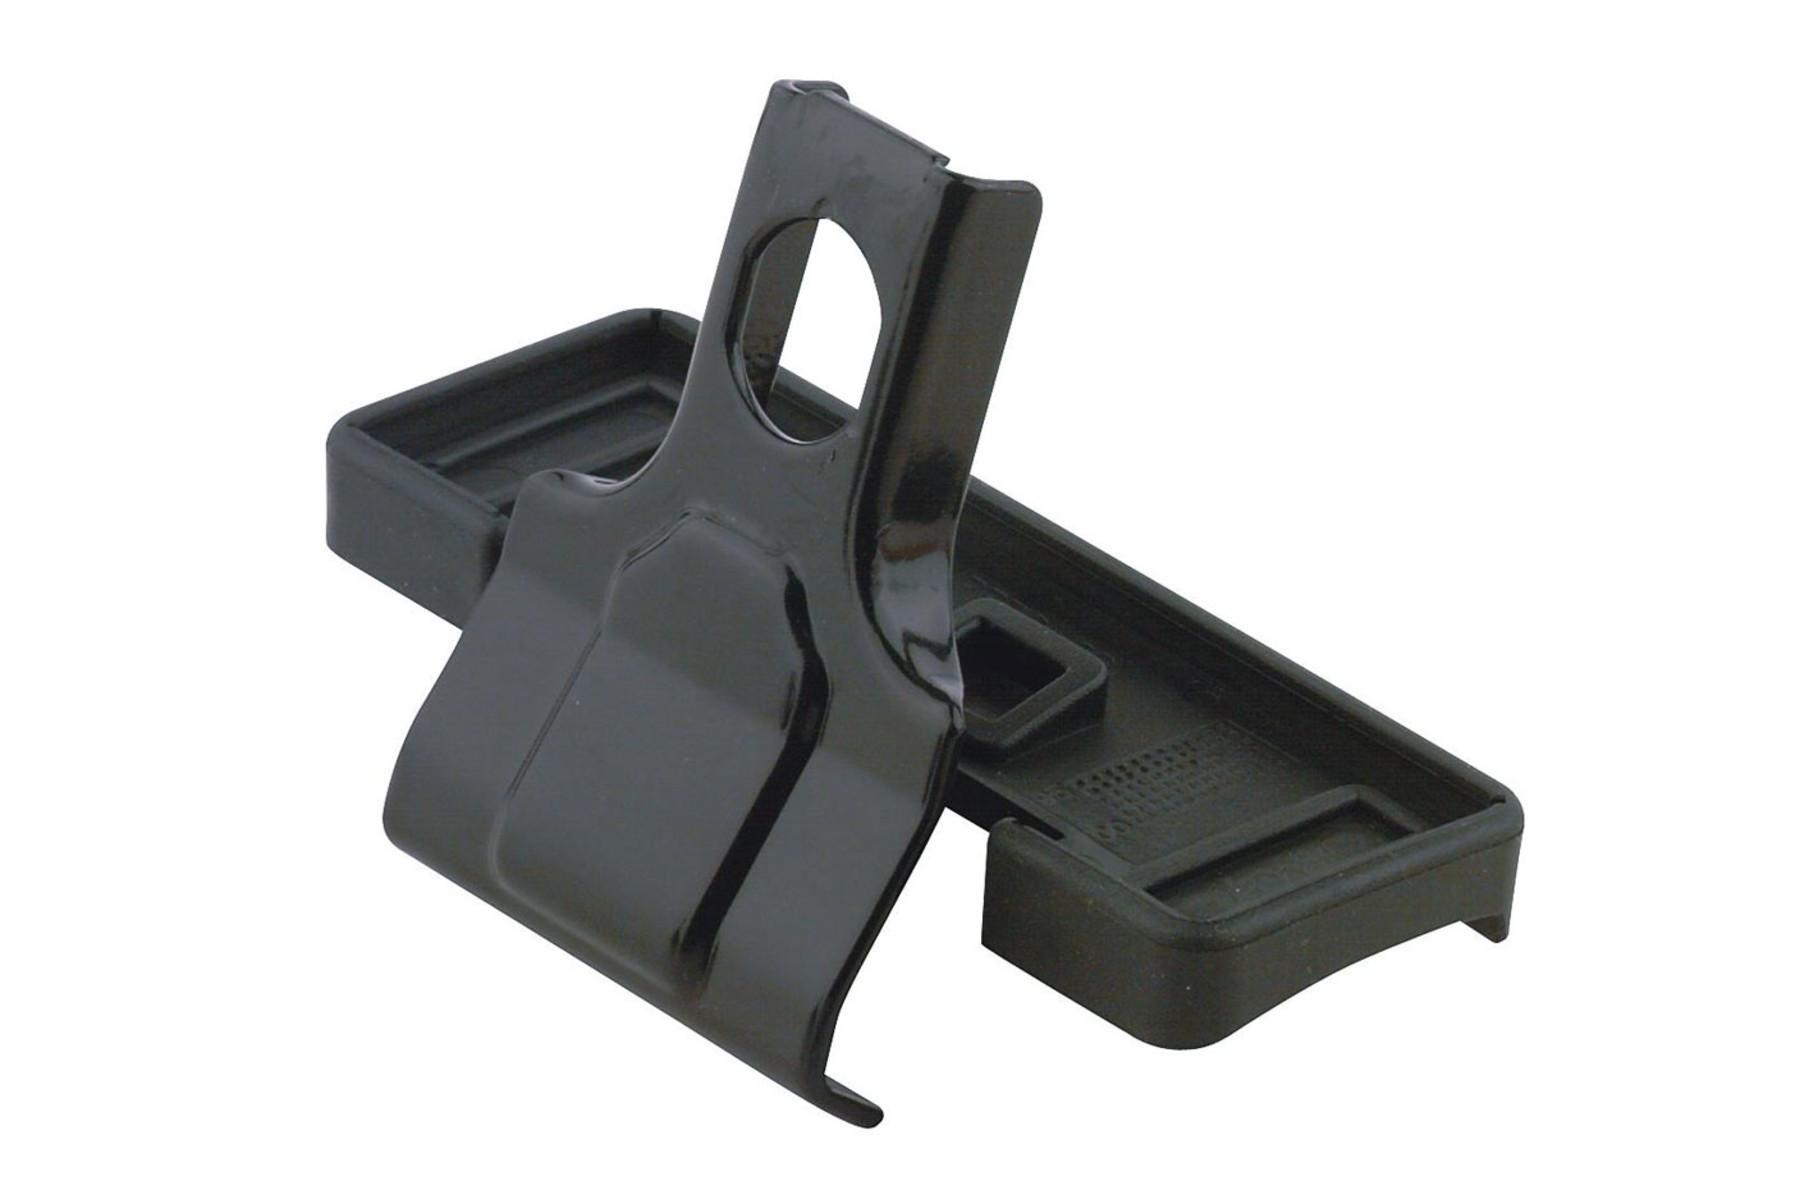 Kit para suporte de barras (1627 D) THULE Ford Focus 4 uni